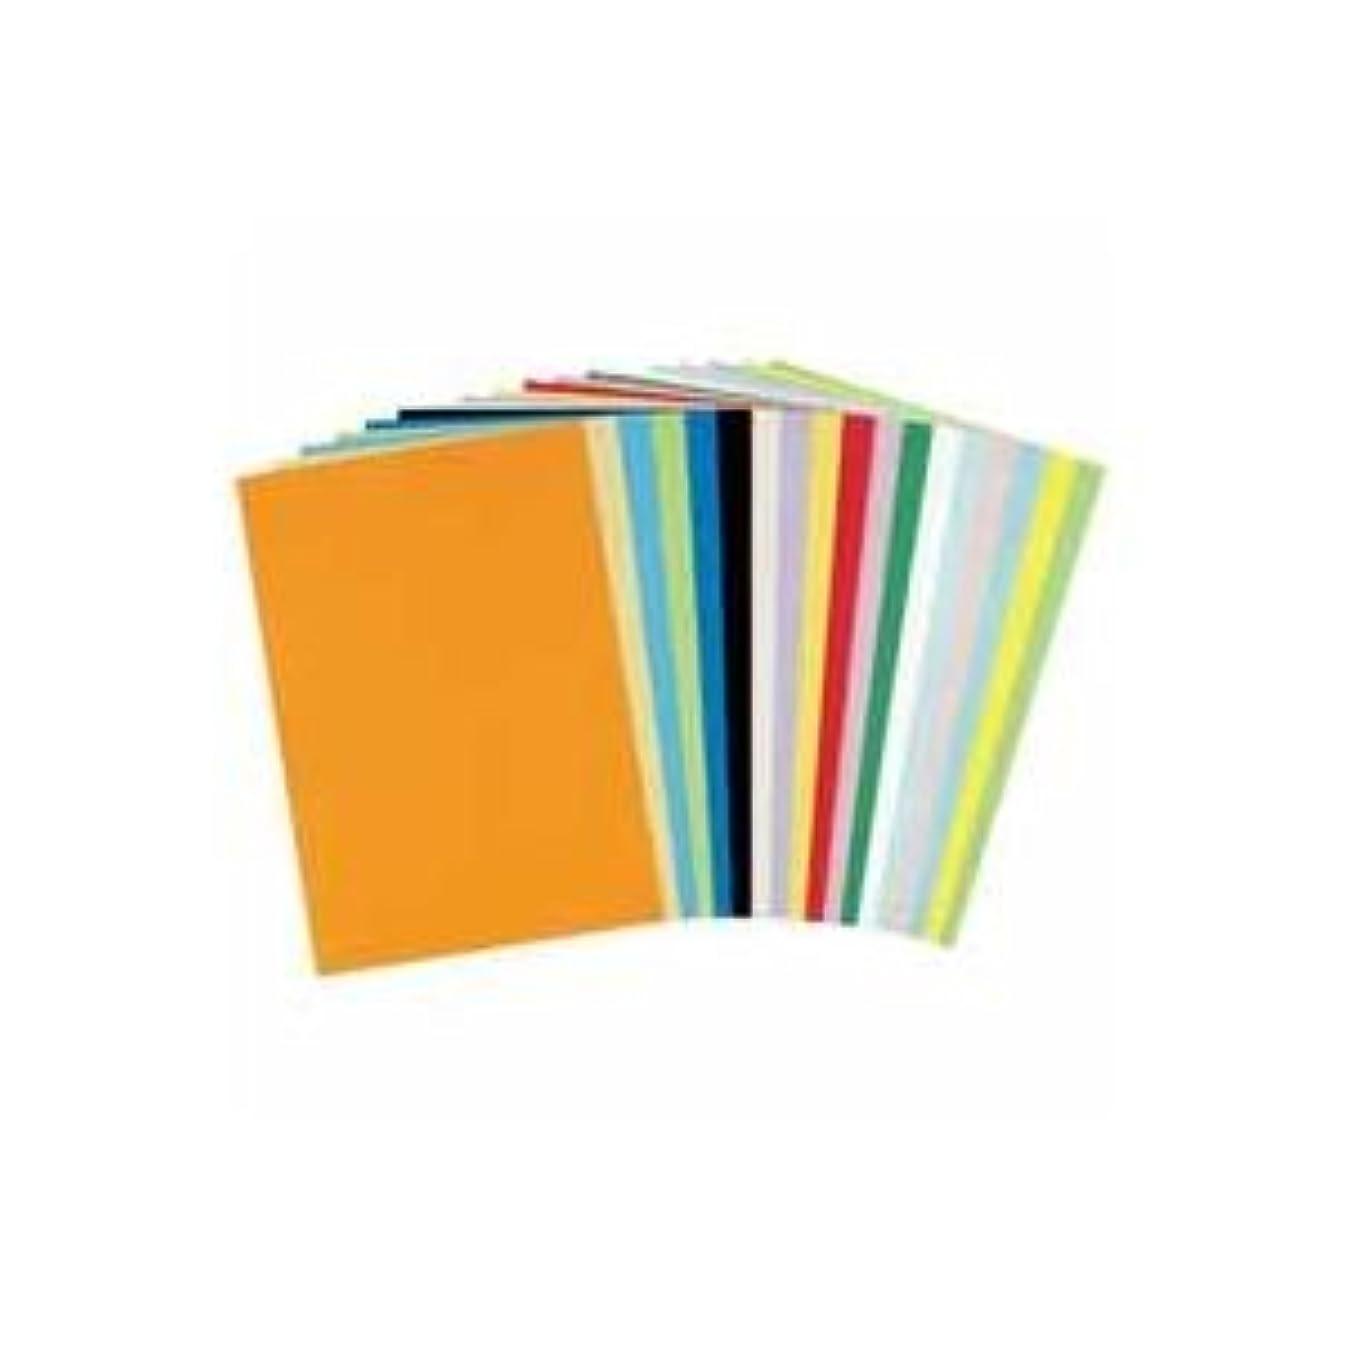 活性化大脳印象北越製紙 (業務用30セット) やよいカラー 色画用紙/工作用紙 (八つ切り 100枚) あいいろ